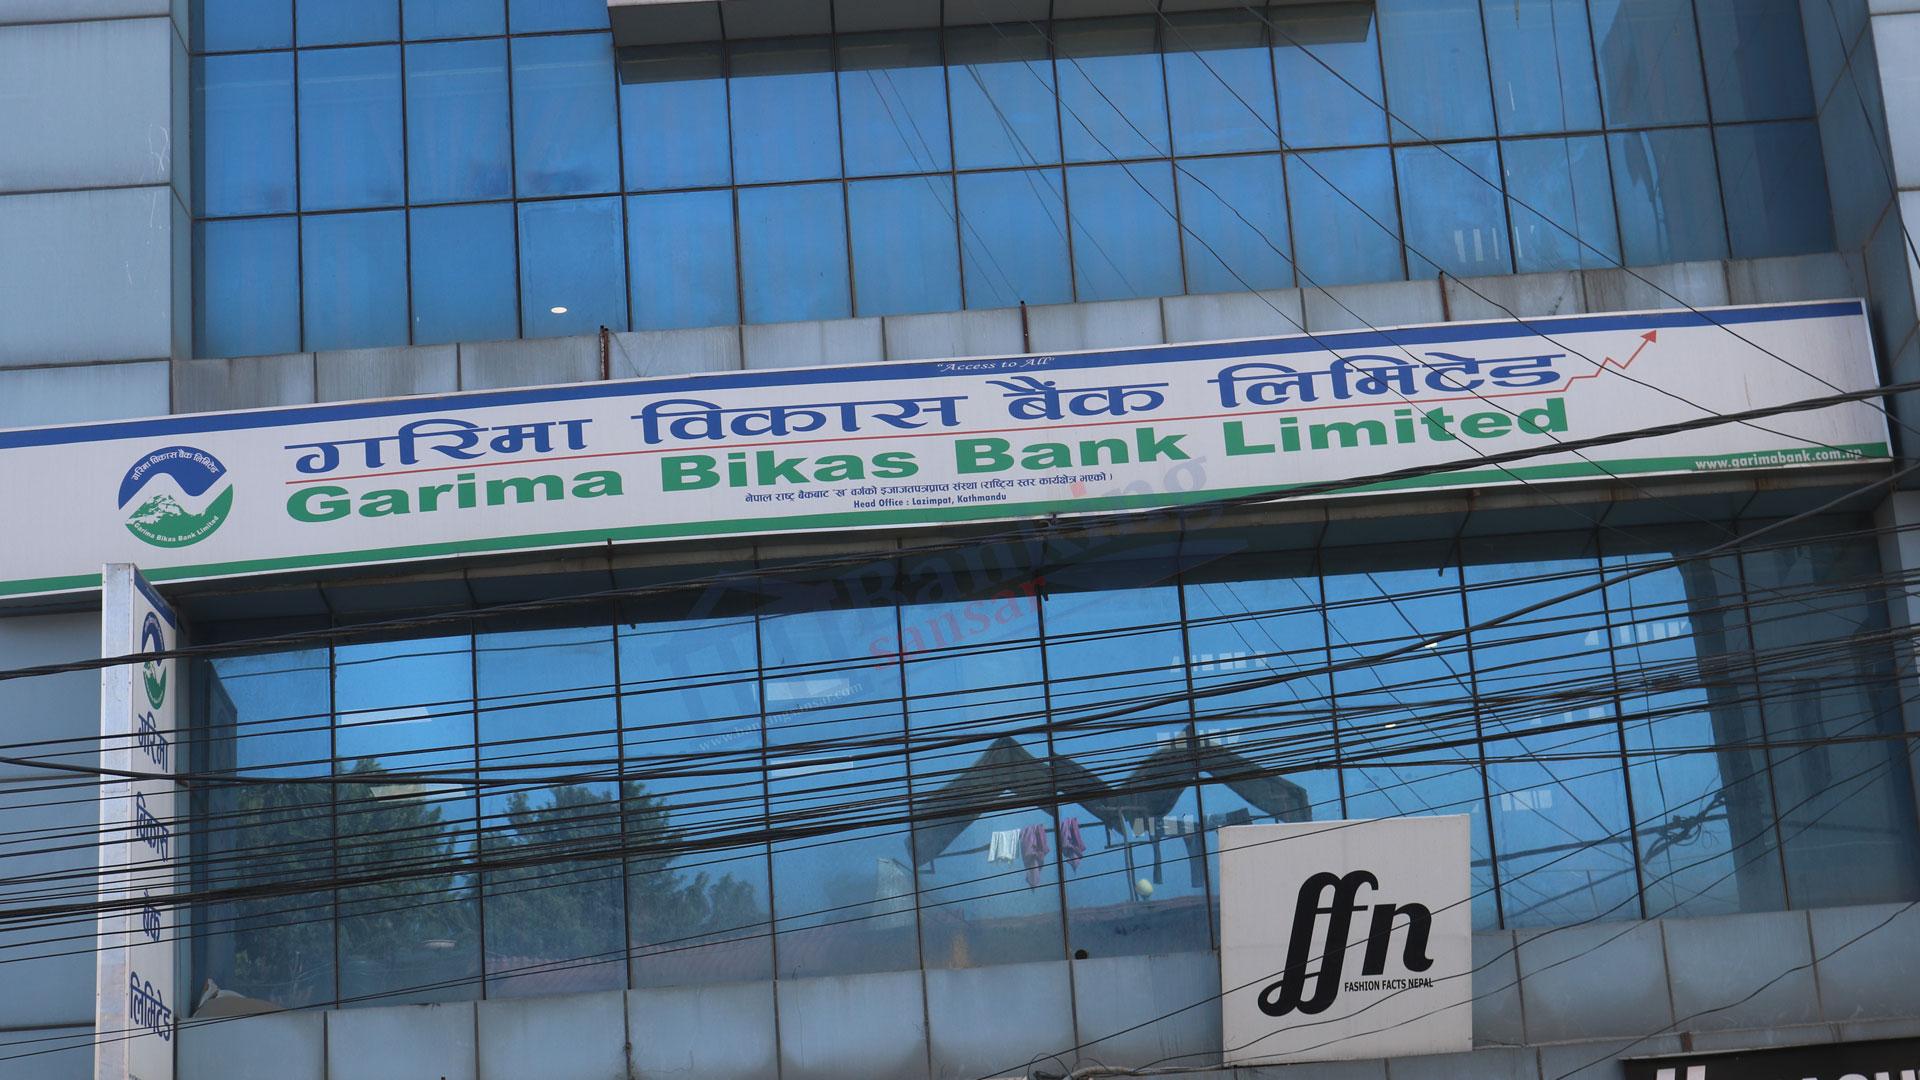 GARIMA BIKAS BANK